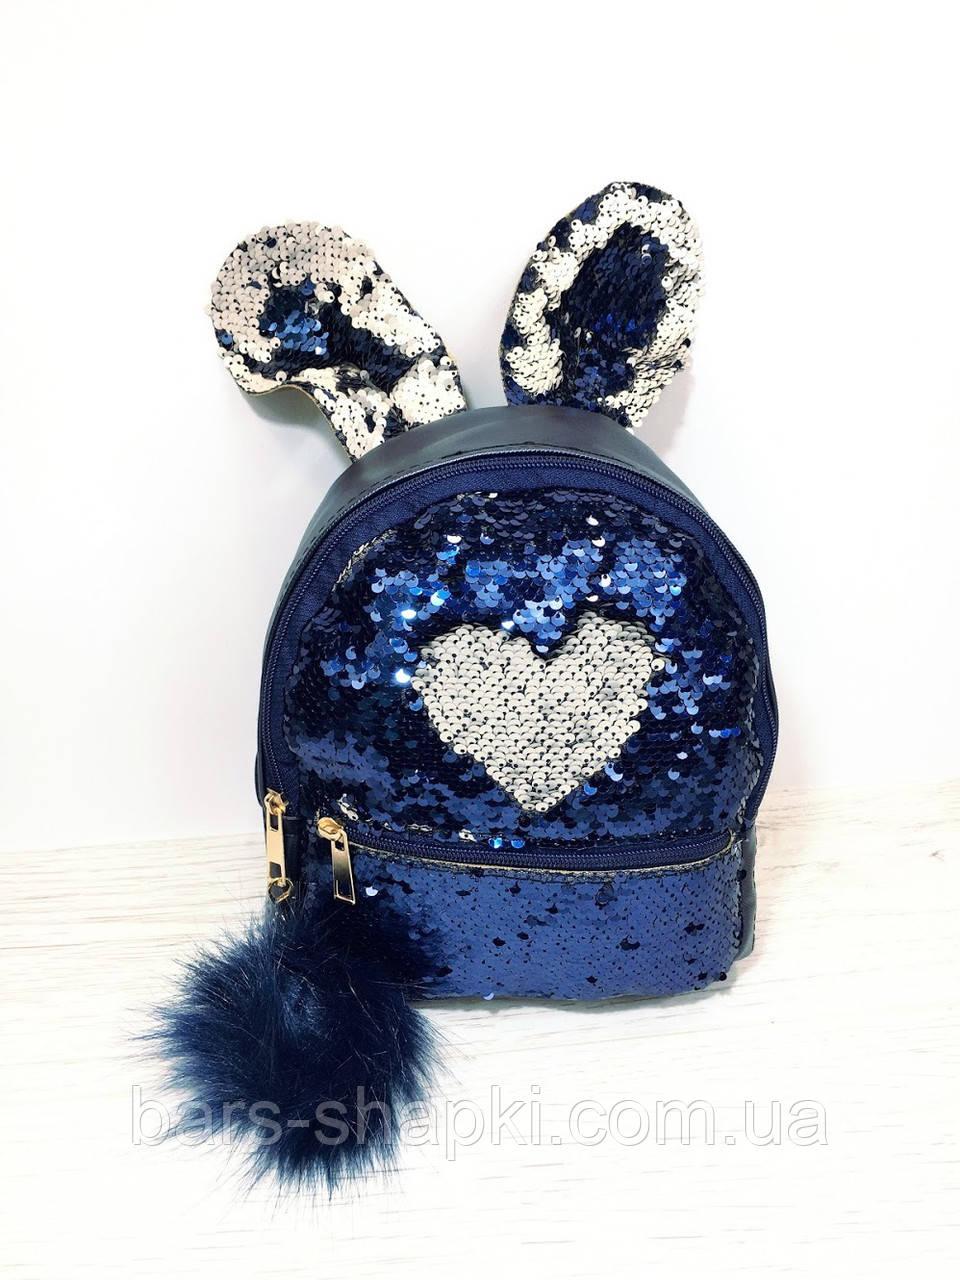 Стильный городской рюкзак с ушками и двусторонними пайетками и меховым помпоном. Цвет синий